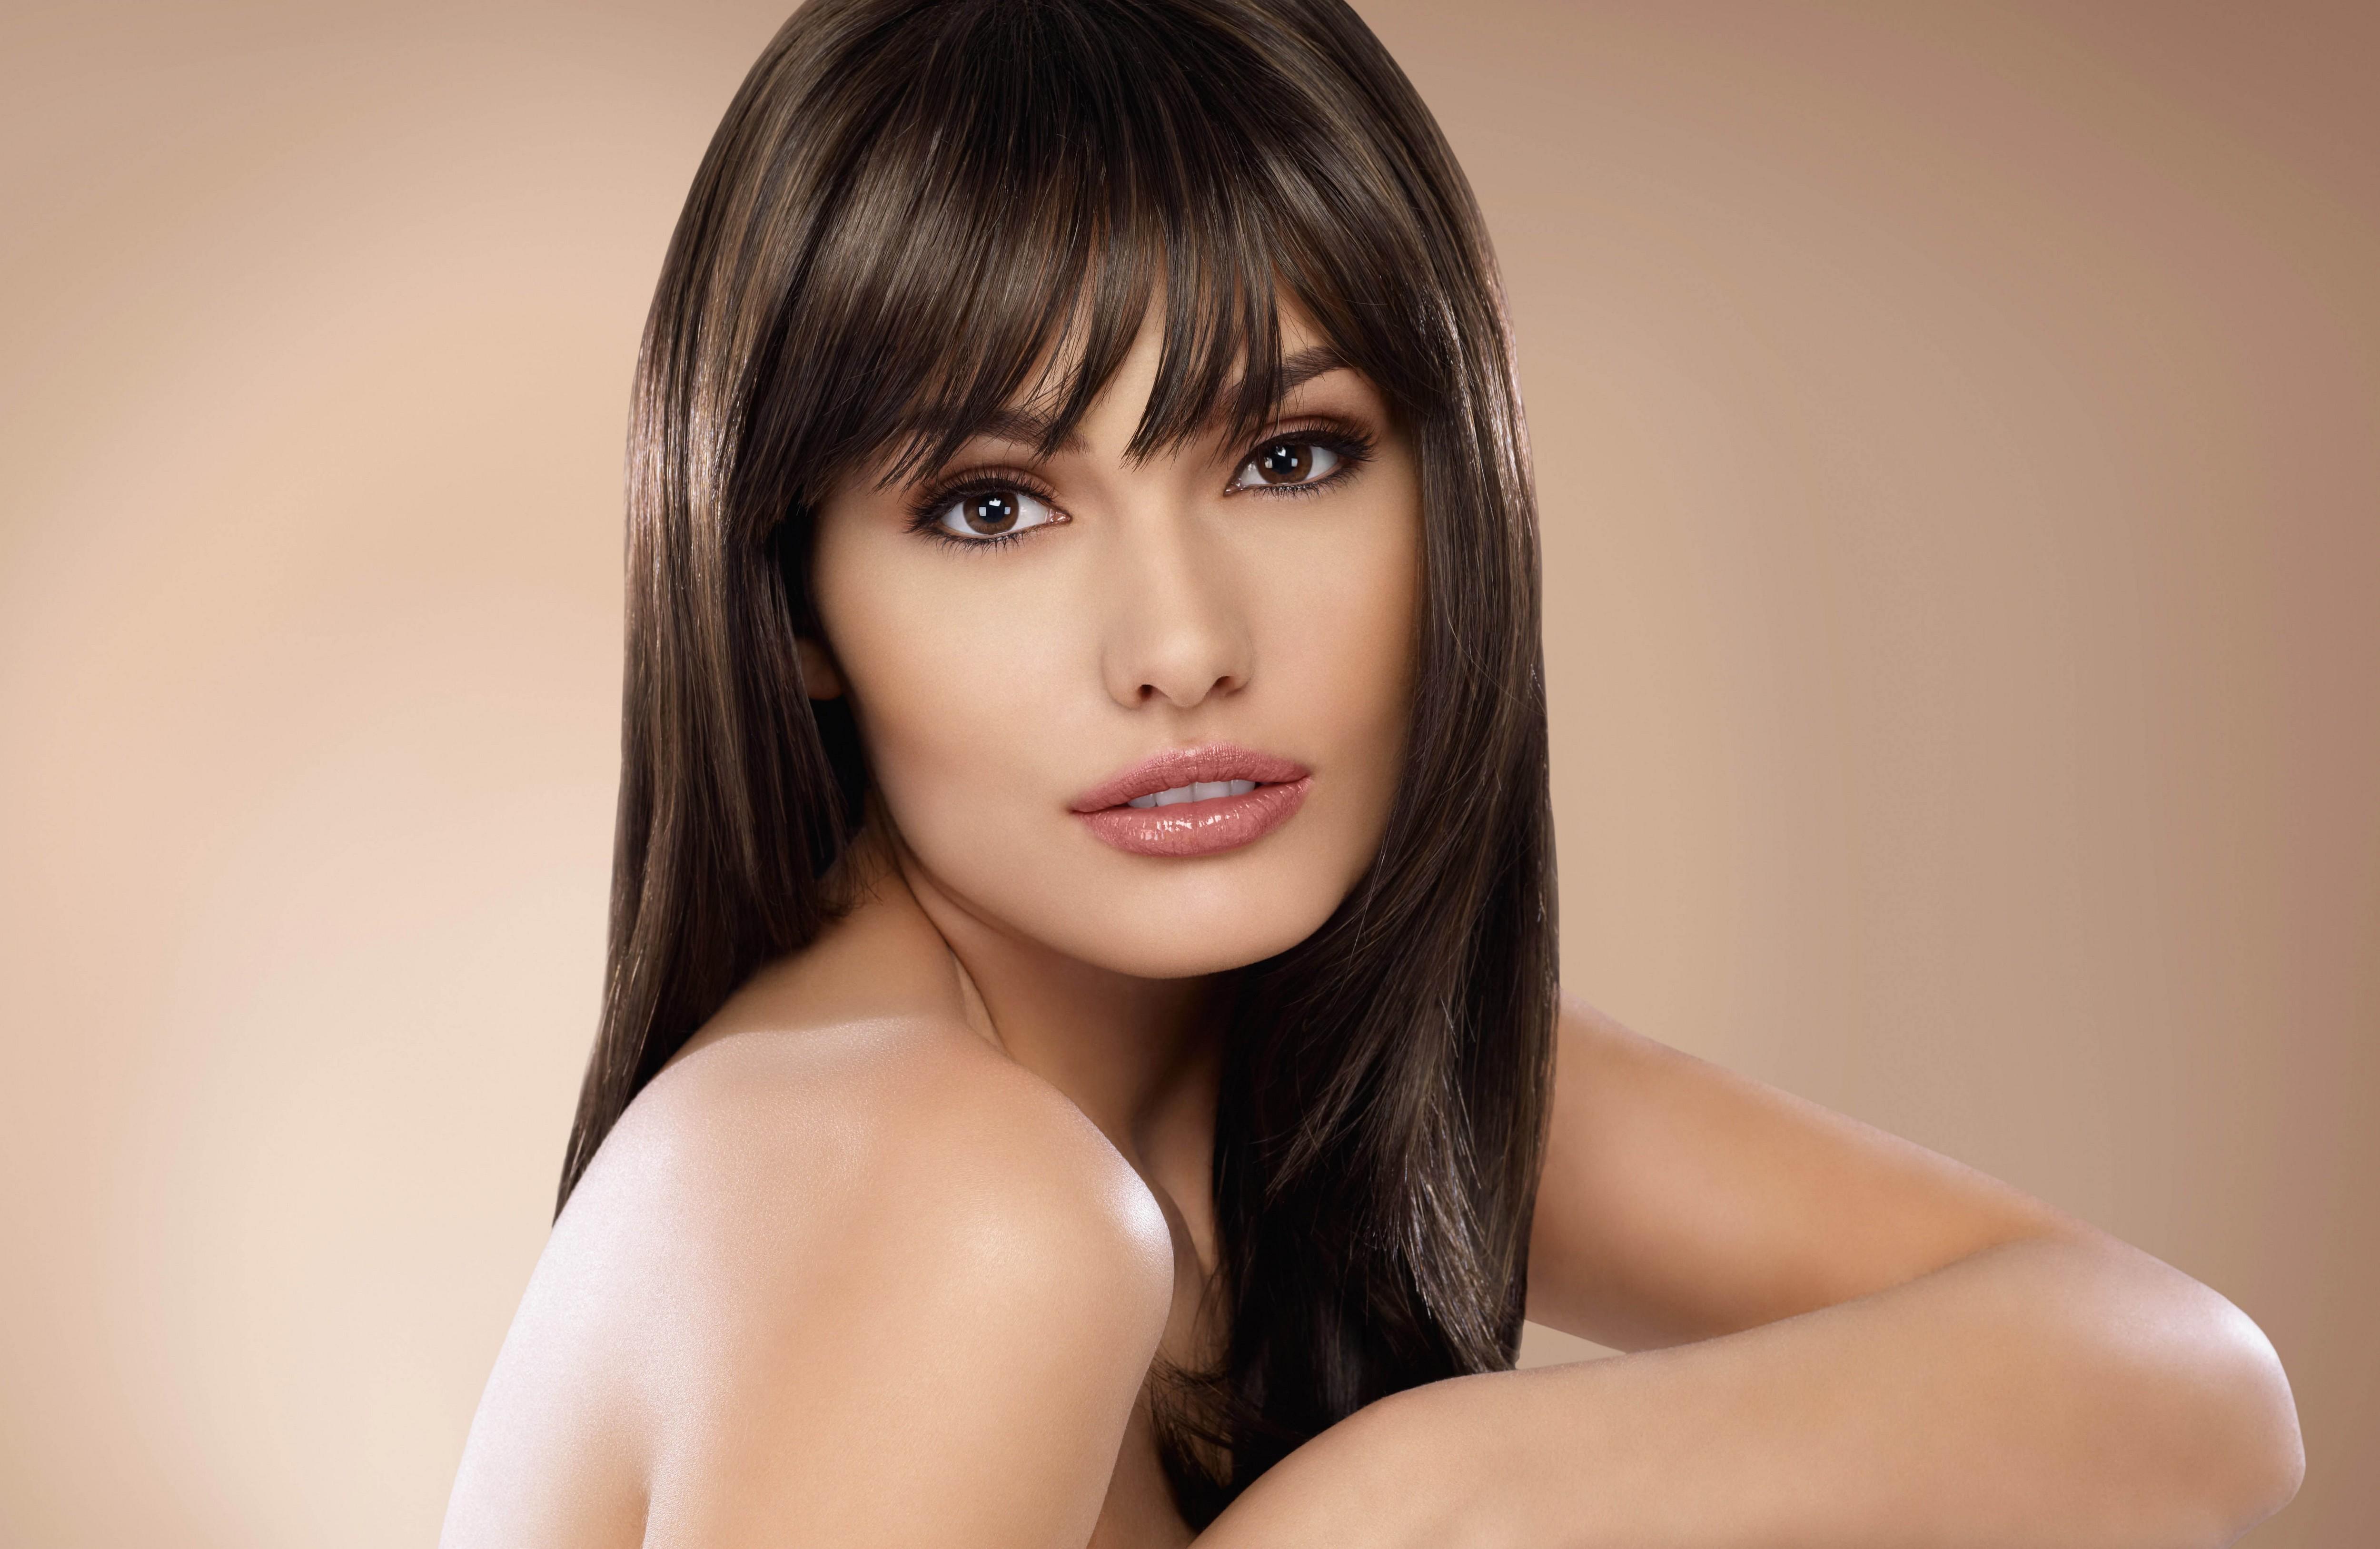 Фотографии красивых лиц девушек брюнеток 4 фотография